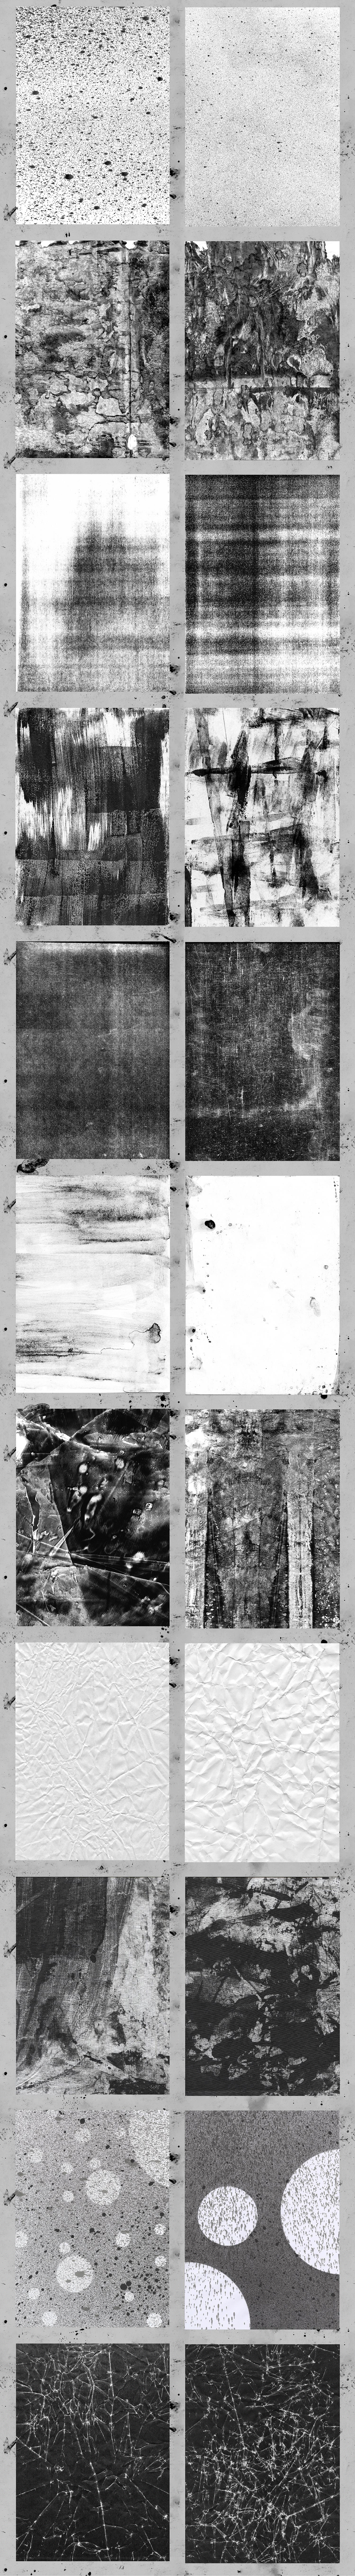 The Dusty Inklab Grunge Sample Pack 2.jpg